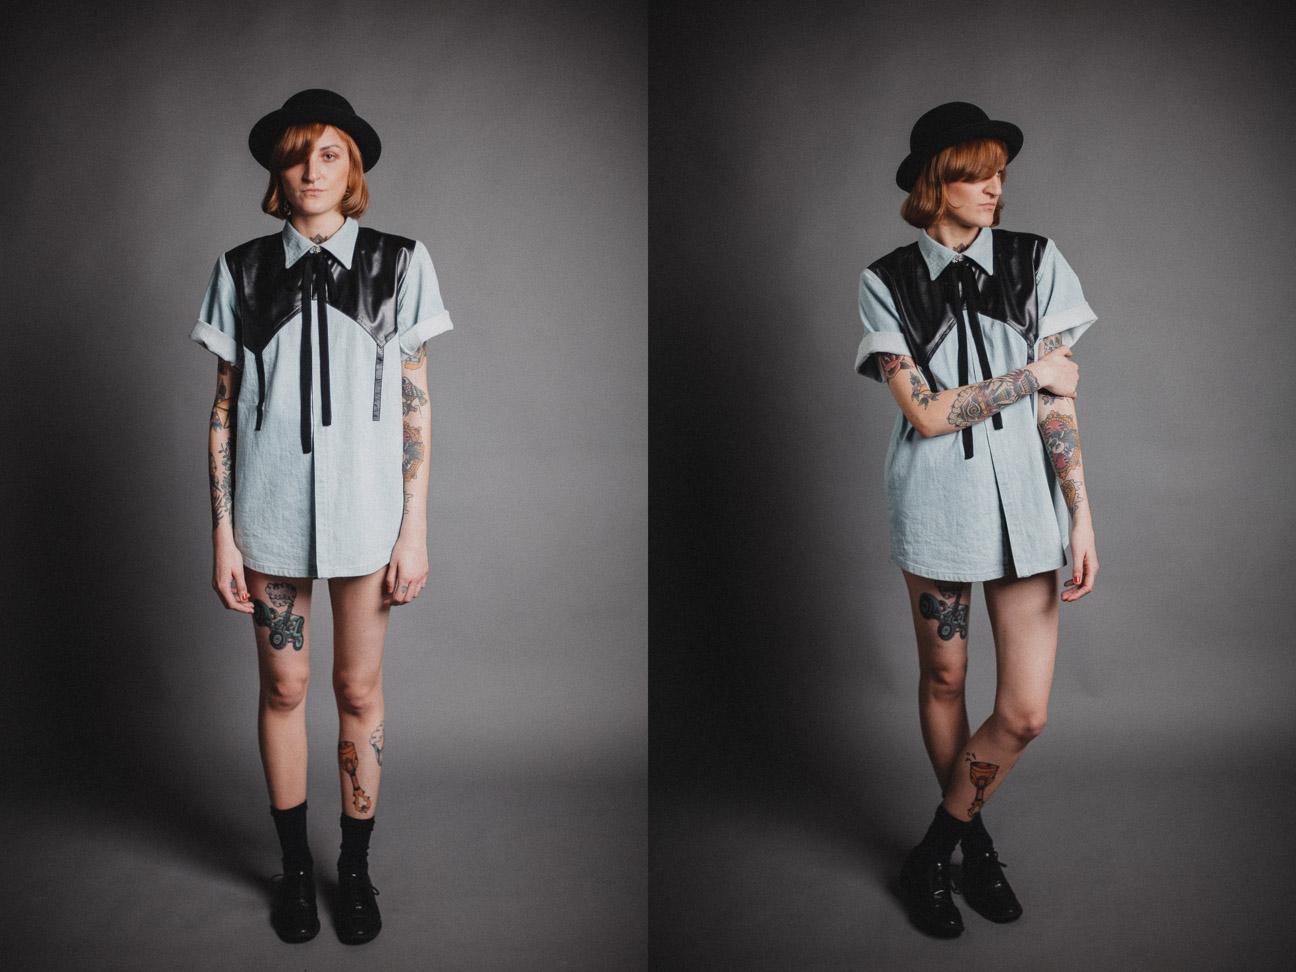 fotografia publicidad catalogo de ropa valencia (5)